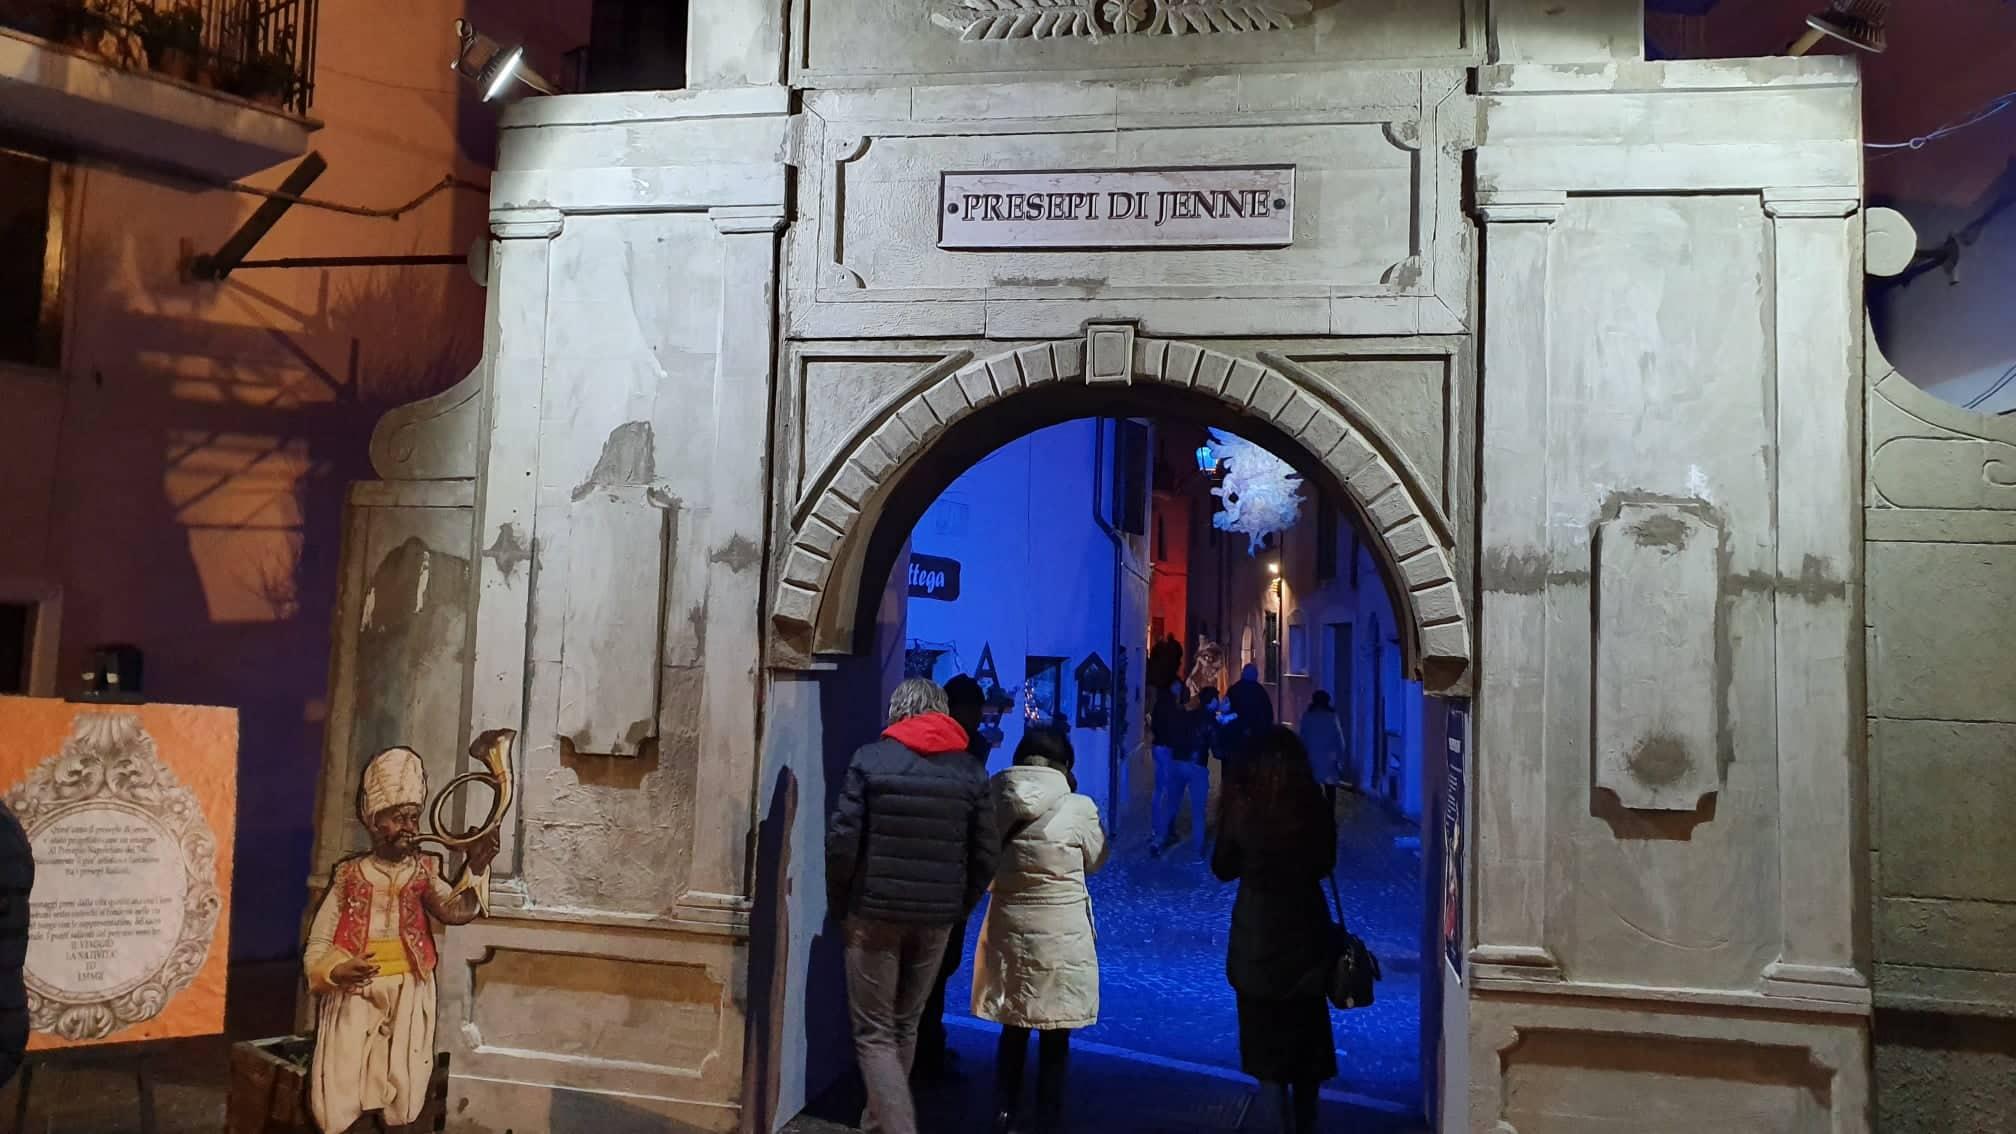 Nei presepi di Jenne rivive la tradizione settecentesca napoletana